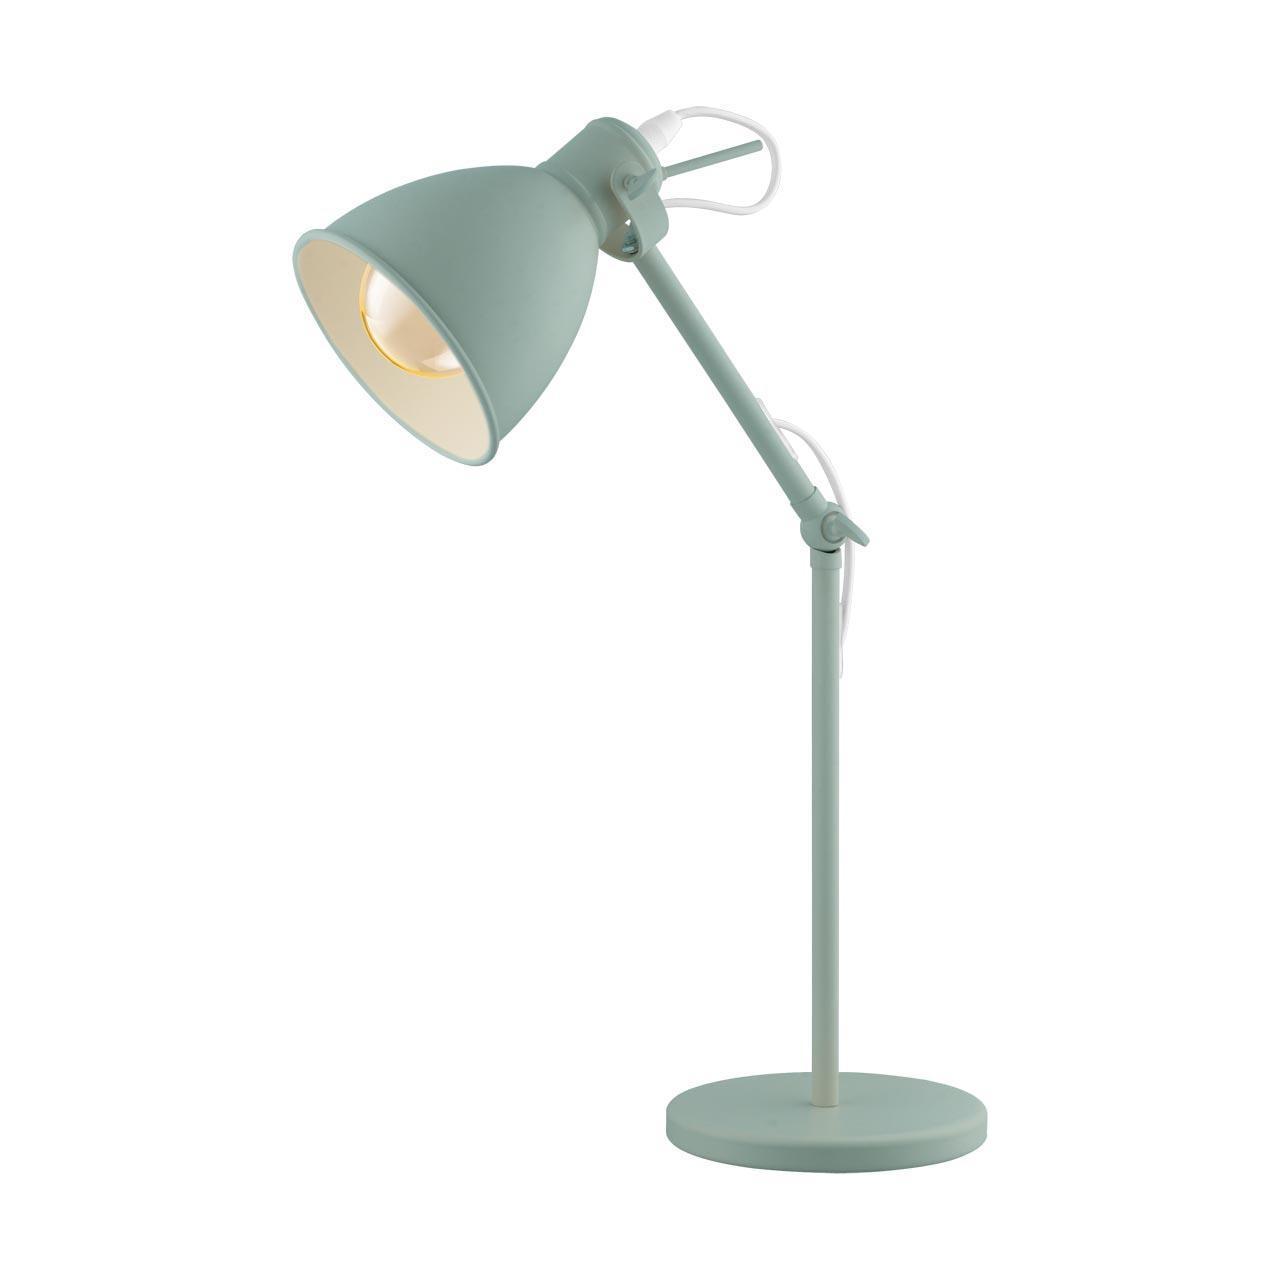 Фото - Настольная лампа Eglo Priddy-P 49097 eglo настольная лампа eglo priddy 49469